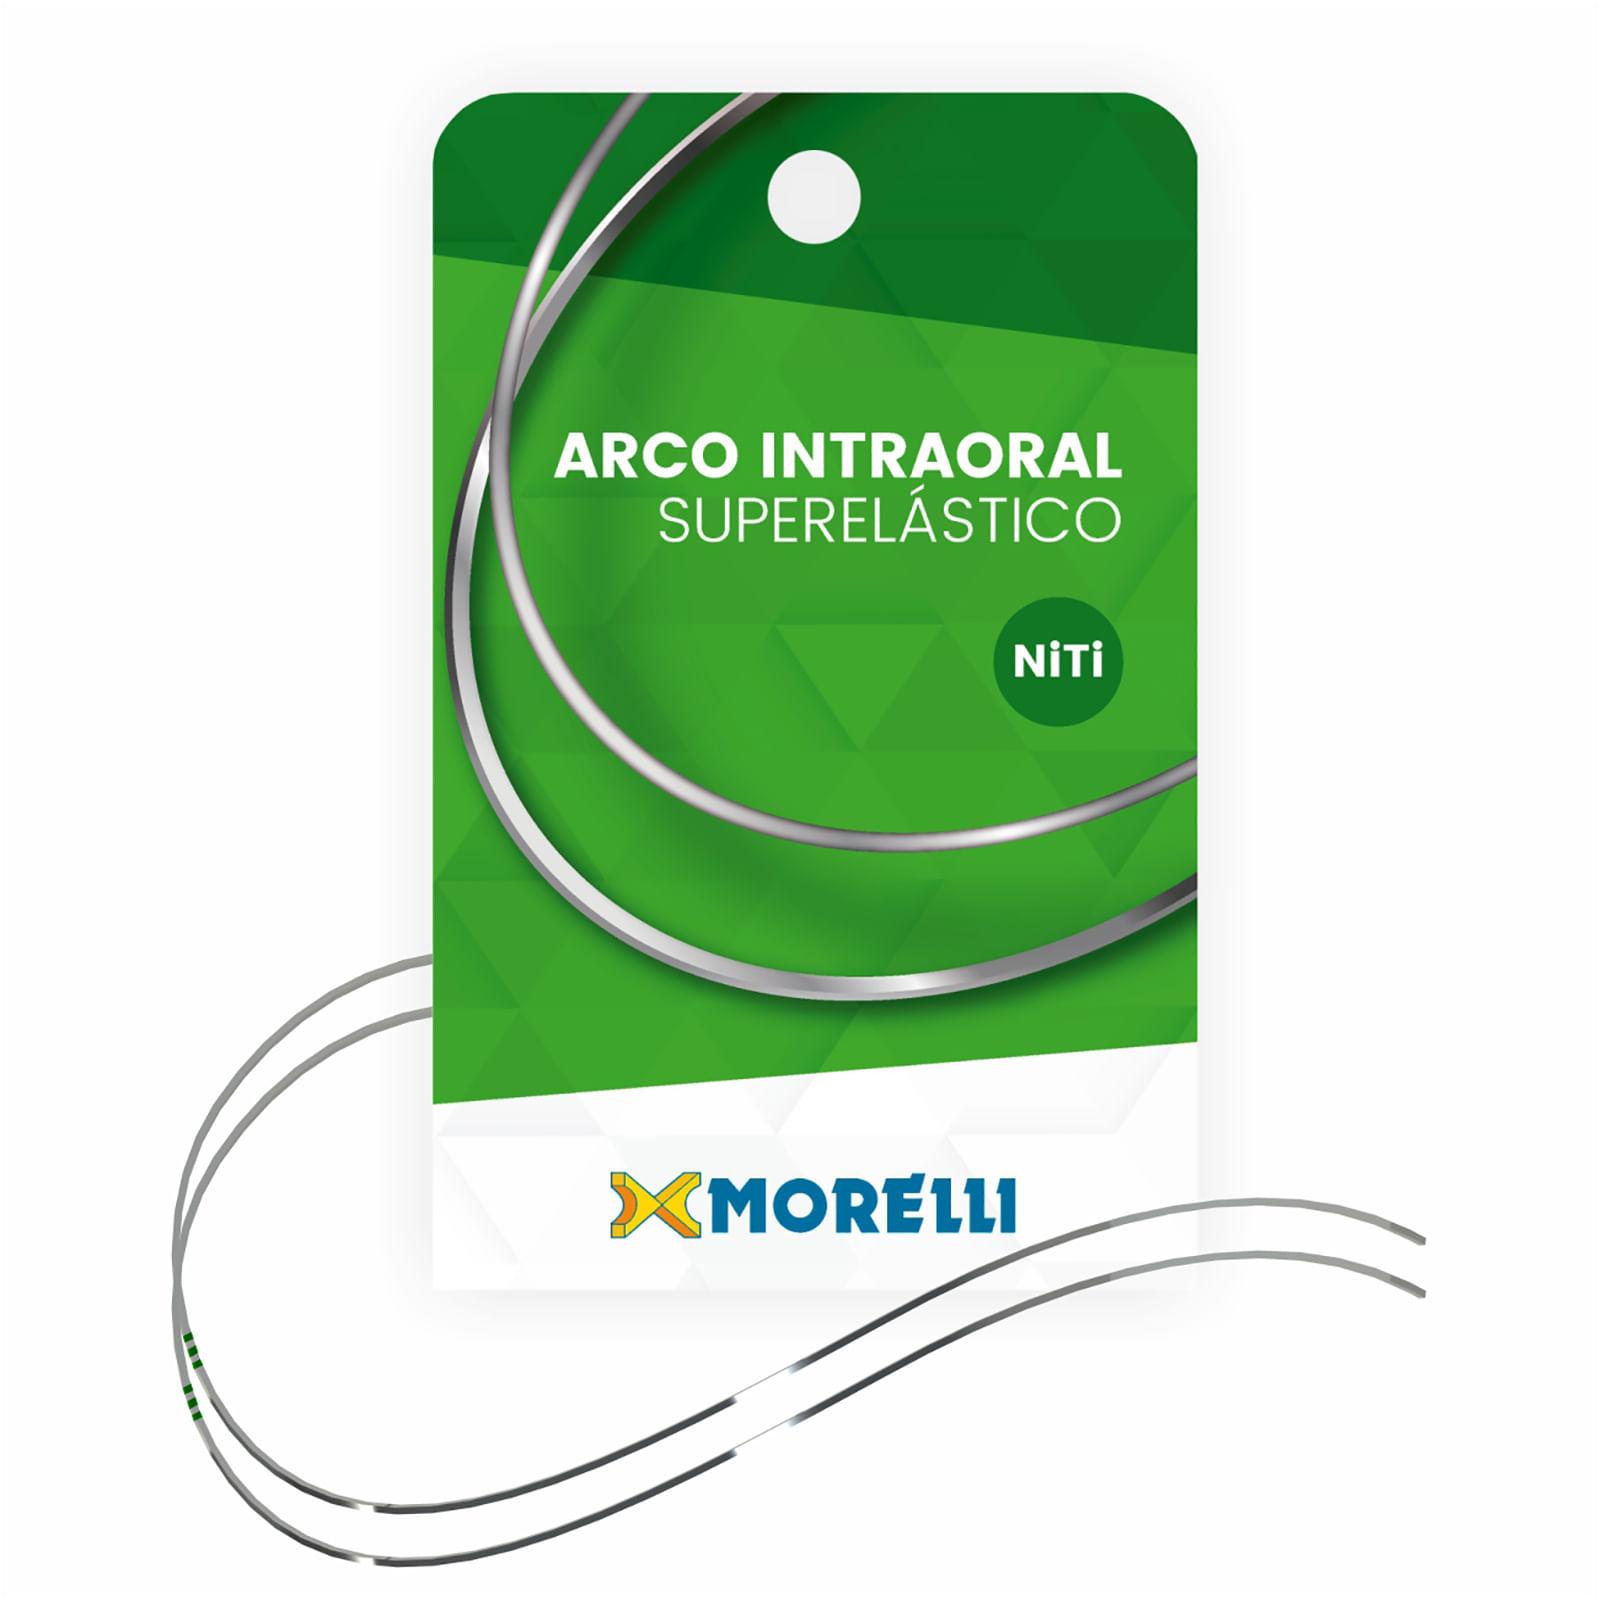 ARCO-NITINOL-SUPERELASTICO-CURVA-REVERSO-GRANDE---SUPERIOR---NITI---QUADRADO-.016-X.016----MORELLI